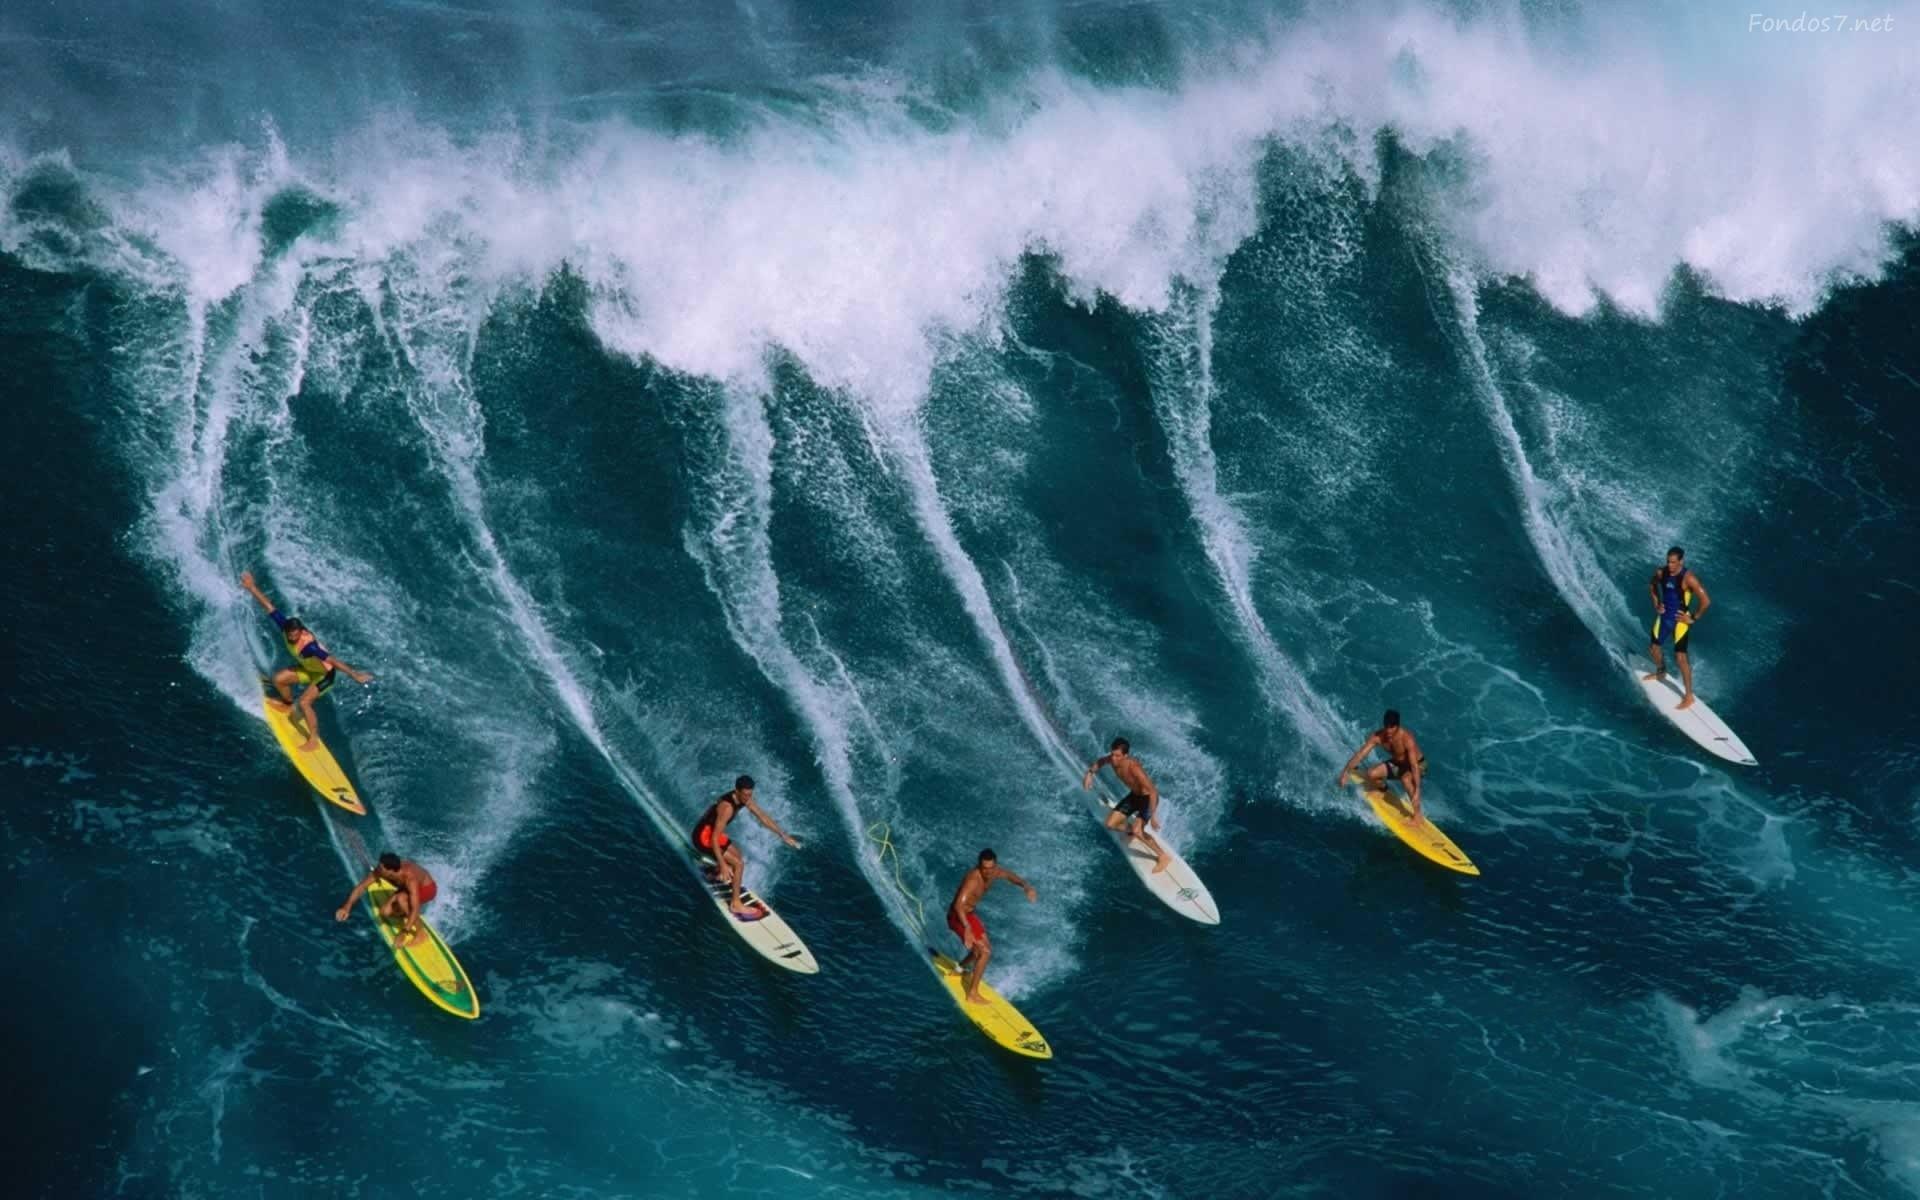 de pantalla surfeando olas grandes hd widescreen Gratis imagenes 8451 1920x1200